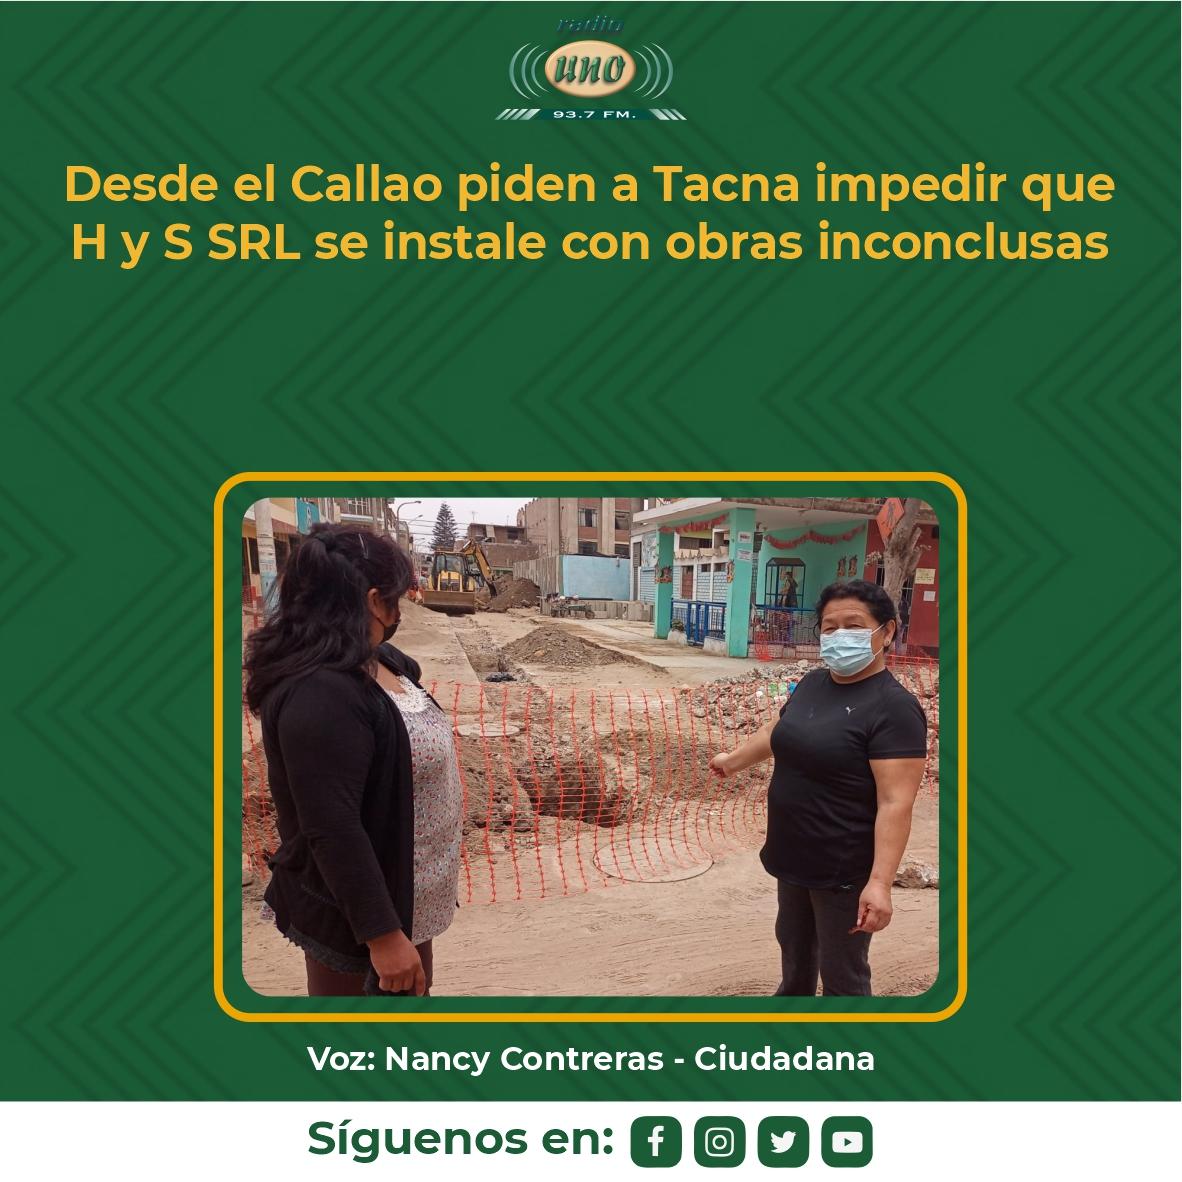 Desde el Callao piden a Tacna impedir que H y S SRL se instale con obras inconclusas